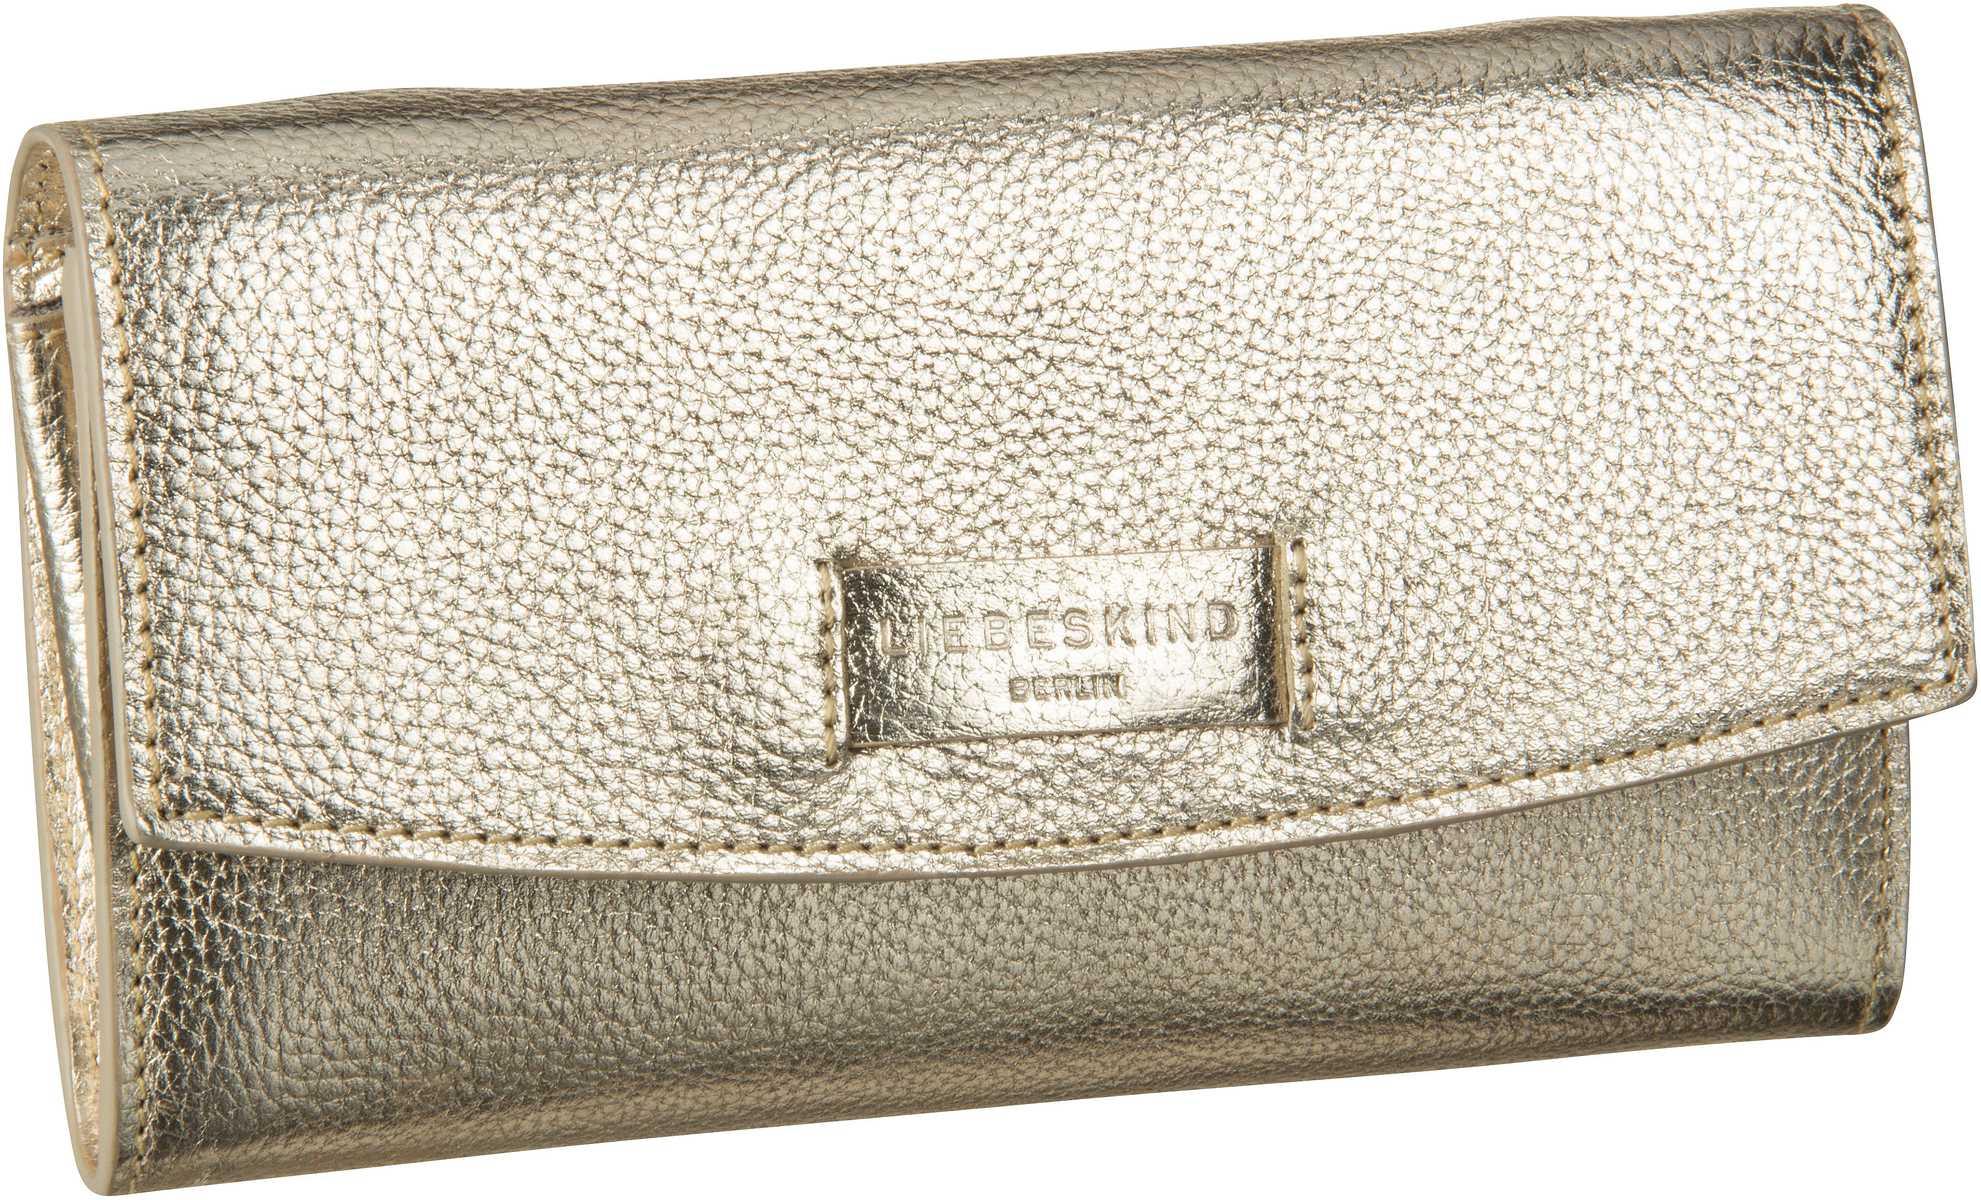 Berlin Handtasche Essential Clutch S Metallic Moonlight